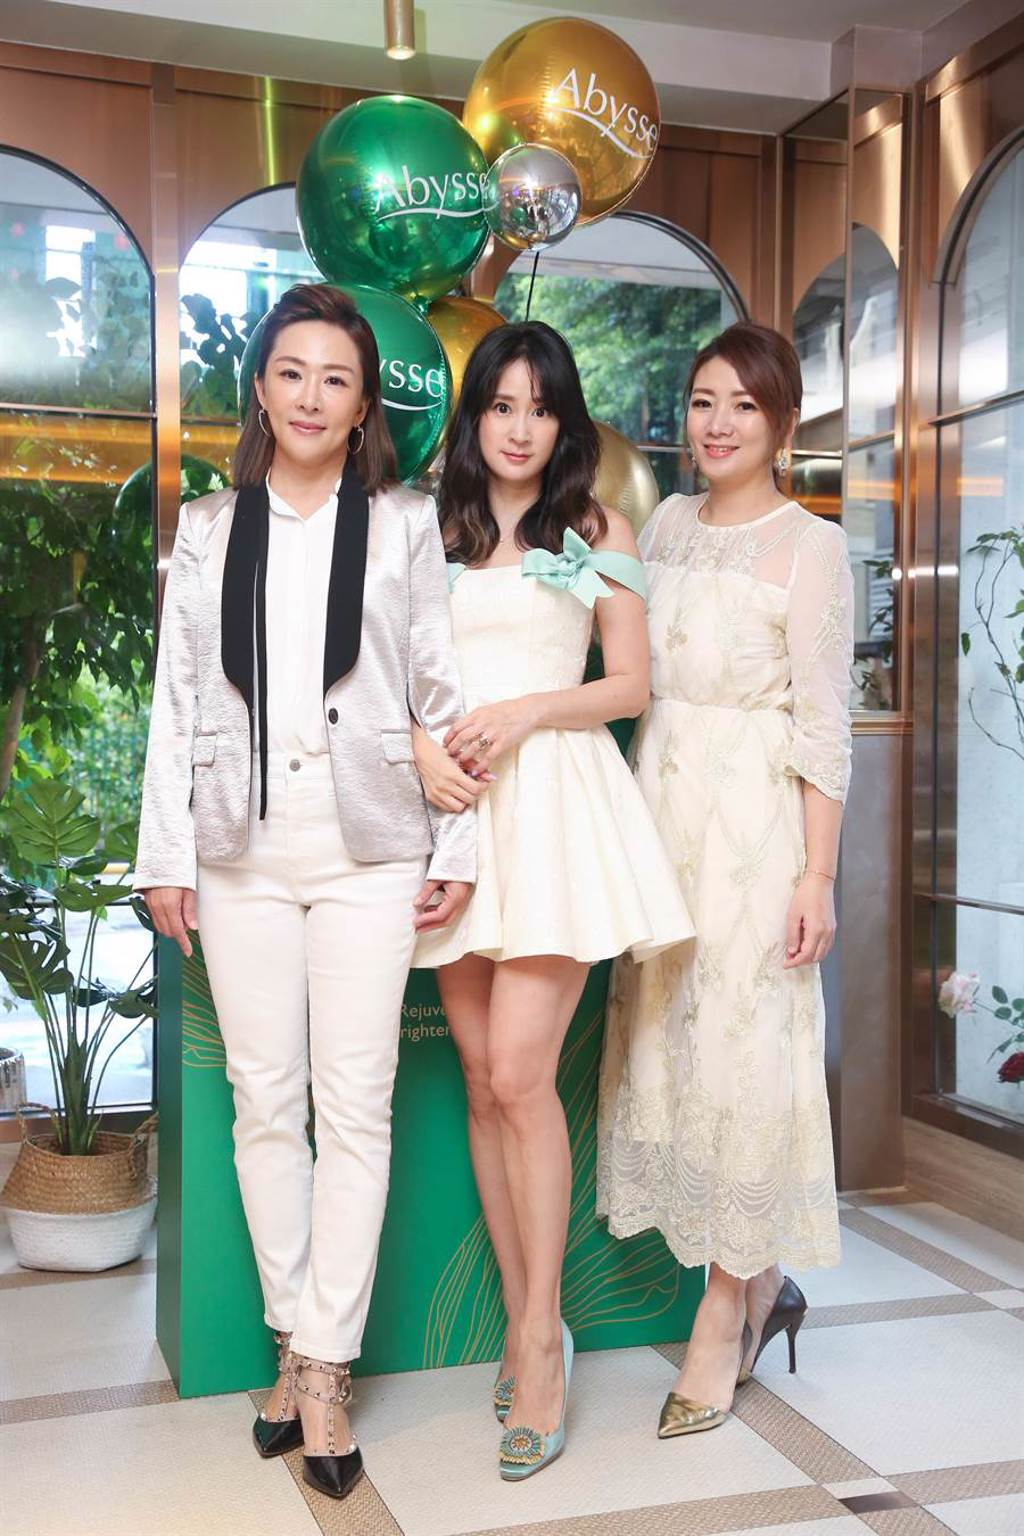 Abysse 品牌創辦人 Claire 路永佳(左)時尚名媛 李晶晶(中)品牌創辦人 Tiffany 張沛瀅(右)。(Abysse 提供)